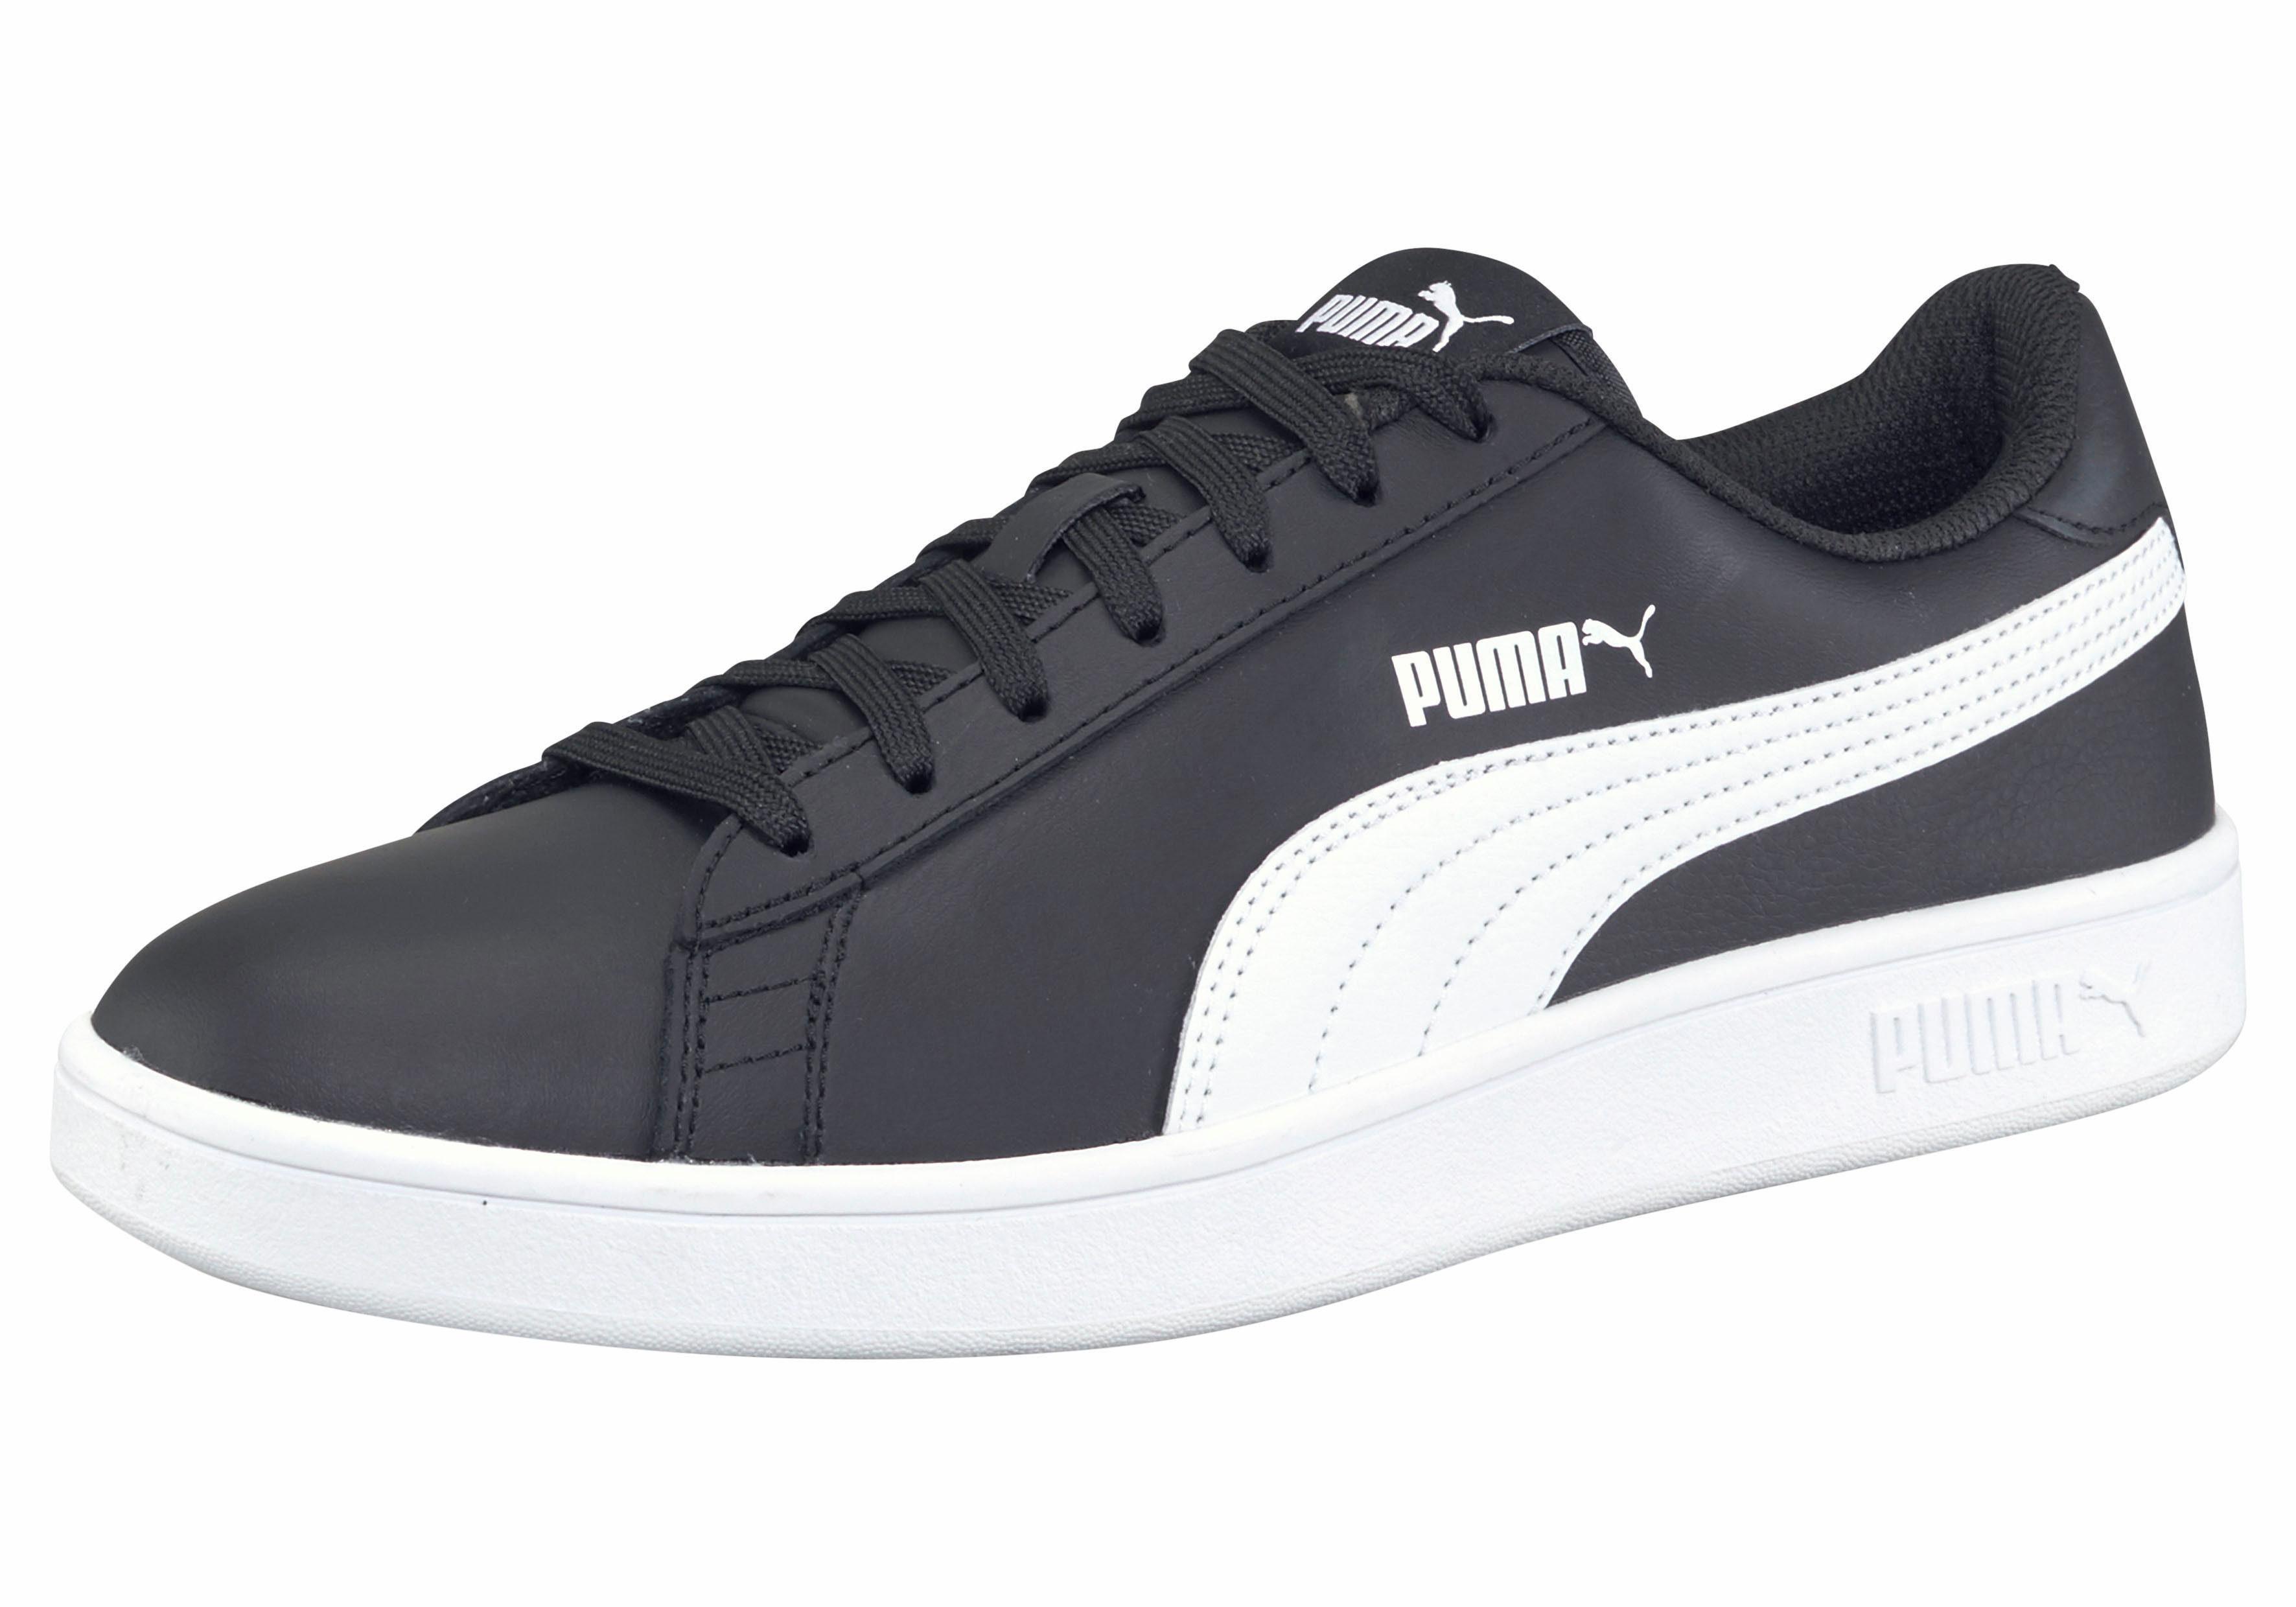 Für Online Puma Einstieg V2 KaufenOtto Mehr SneakerGepolsterter Tragekomfort L« »smash qMSUGpzV